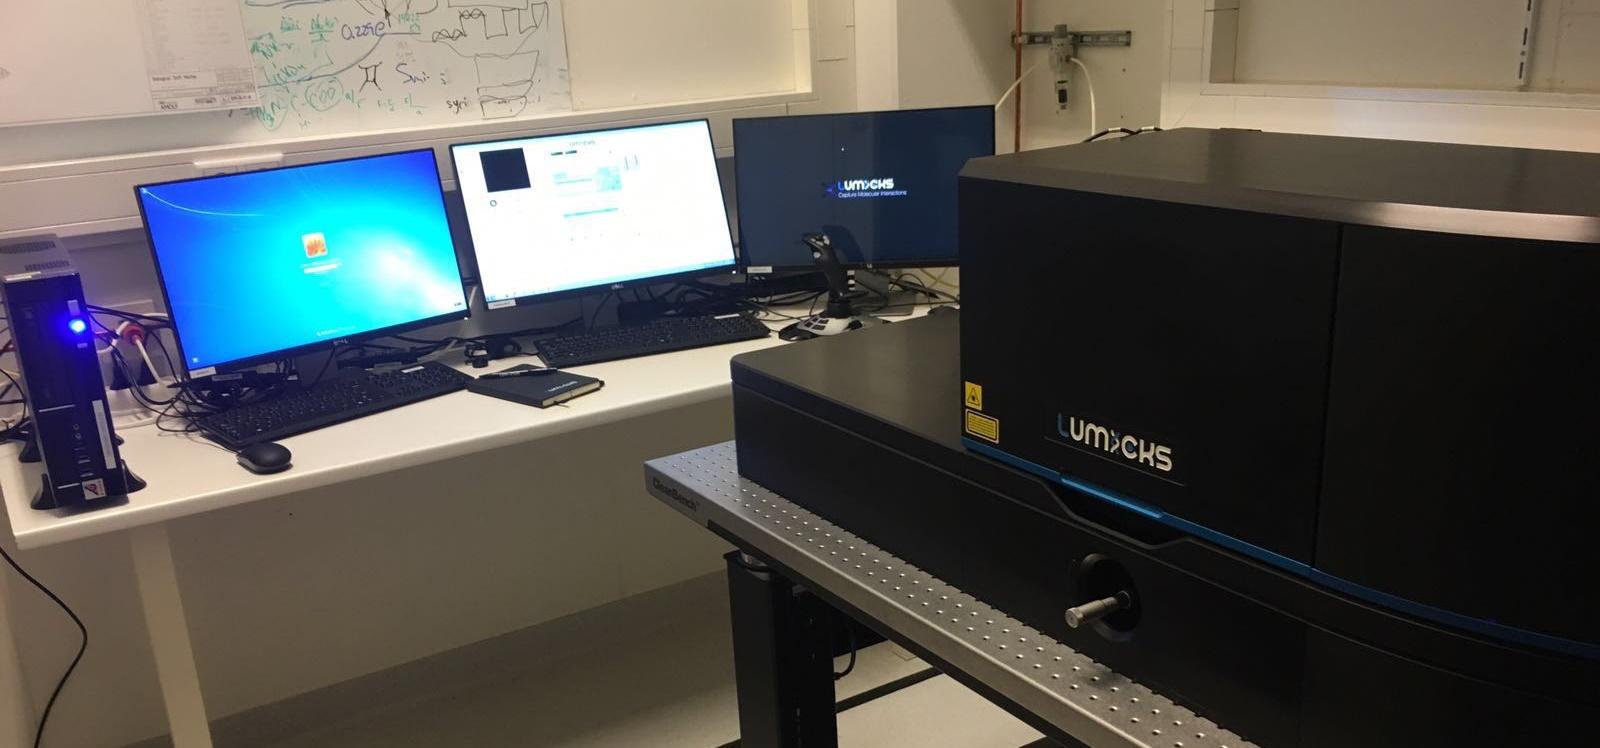 optical-tweezers-fluorescence-microscopy-groningen